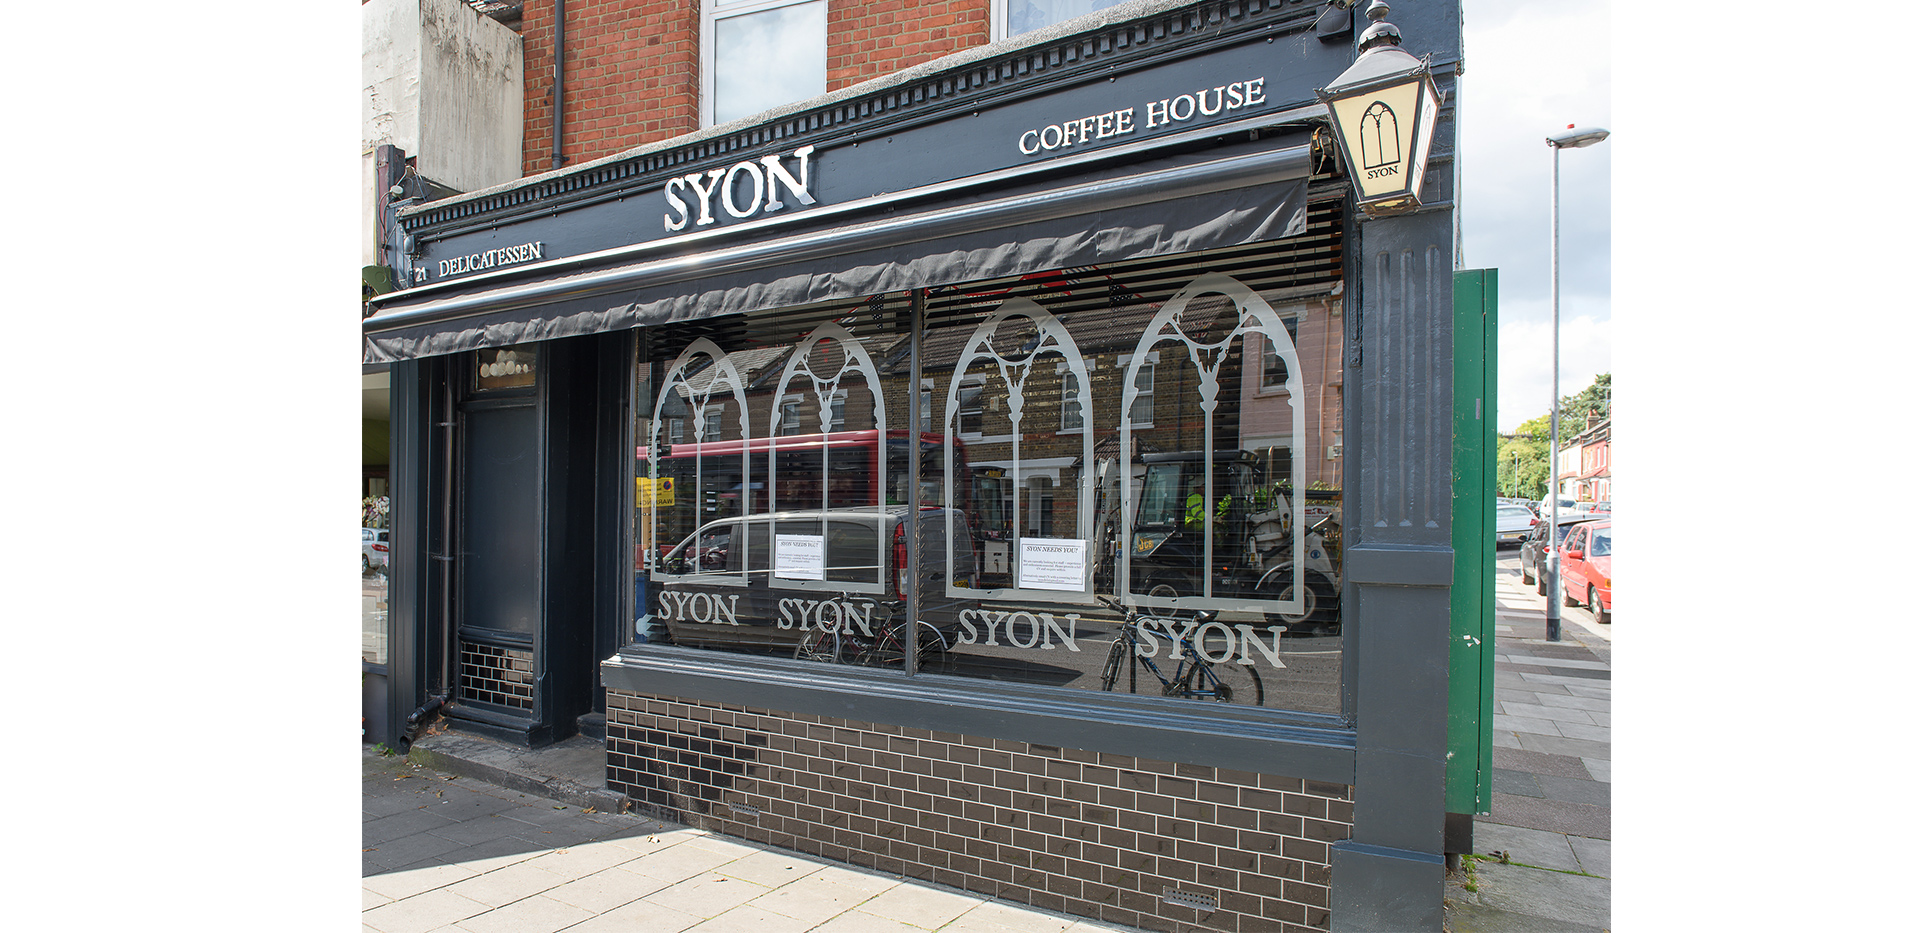 St James, Fitzroy Gate, Syon Coffee house